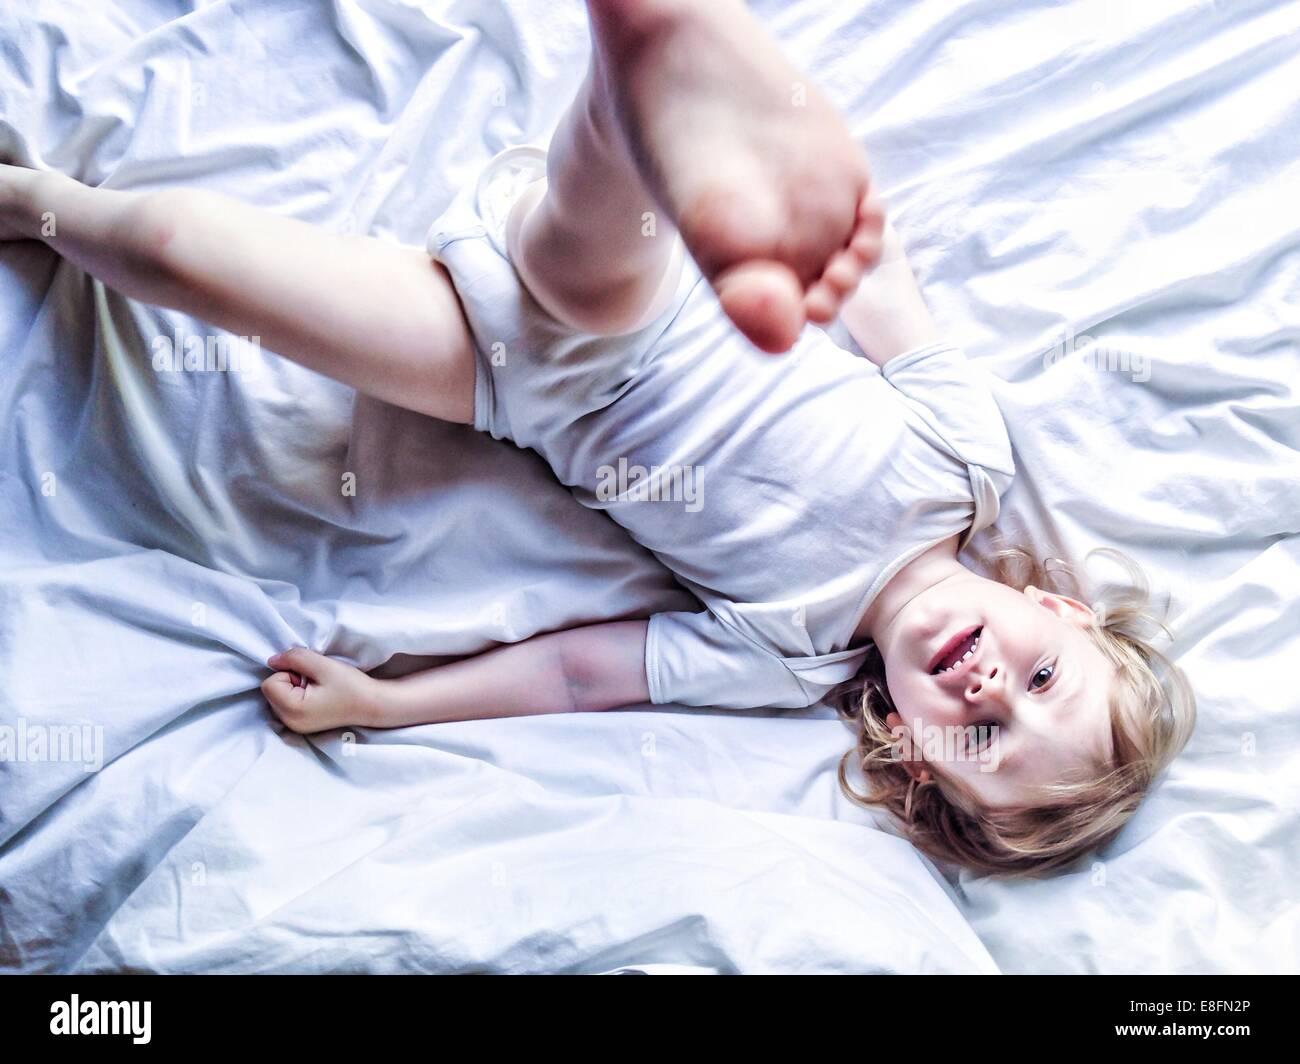 Junge auf Bett treten sein Bein in der Luft Stockbild